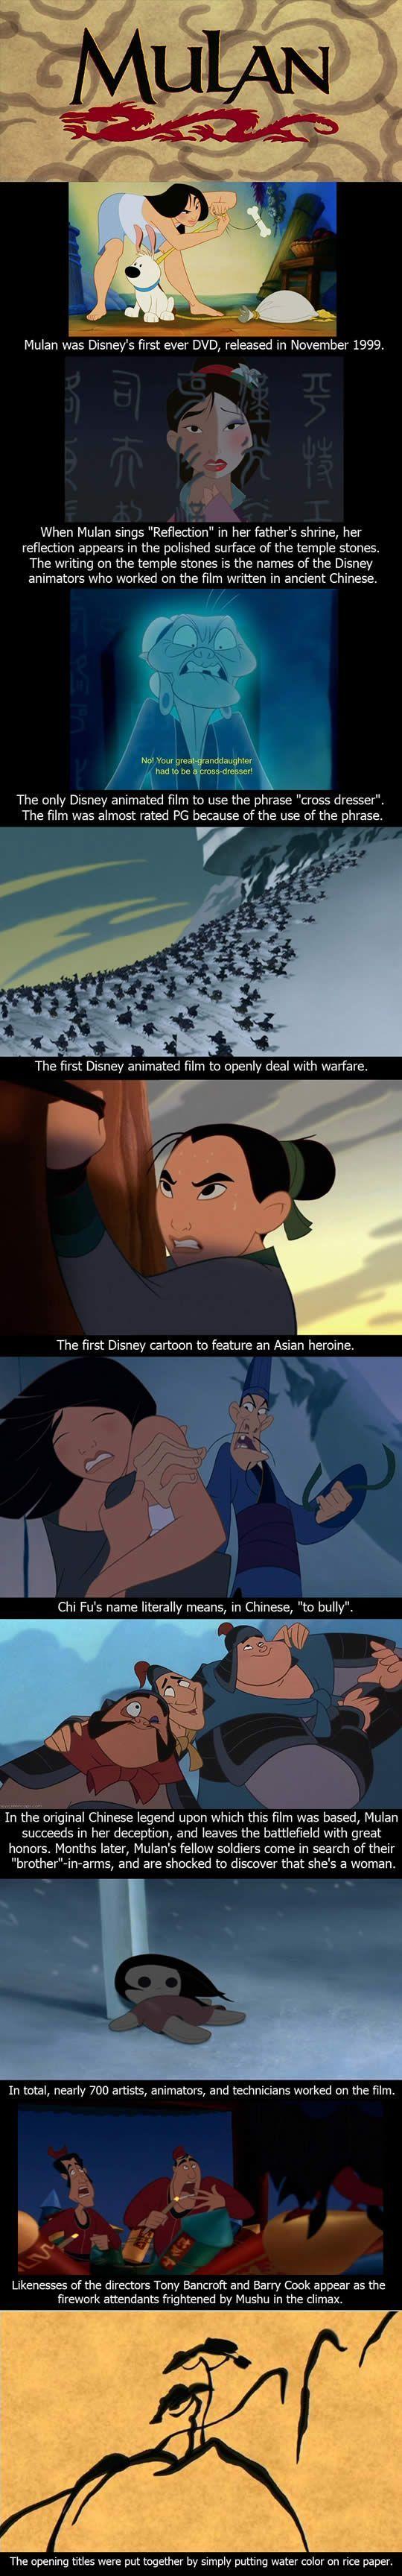 Reasons why I love Mulan!